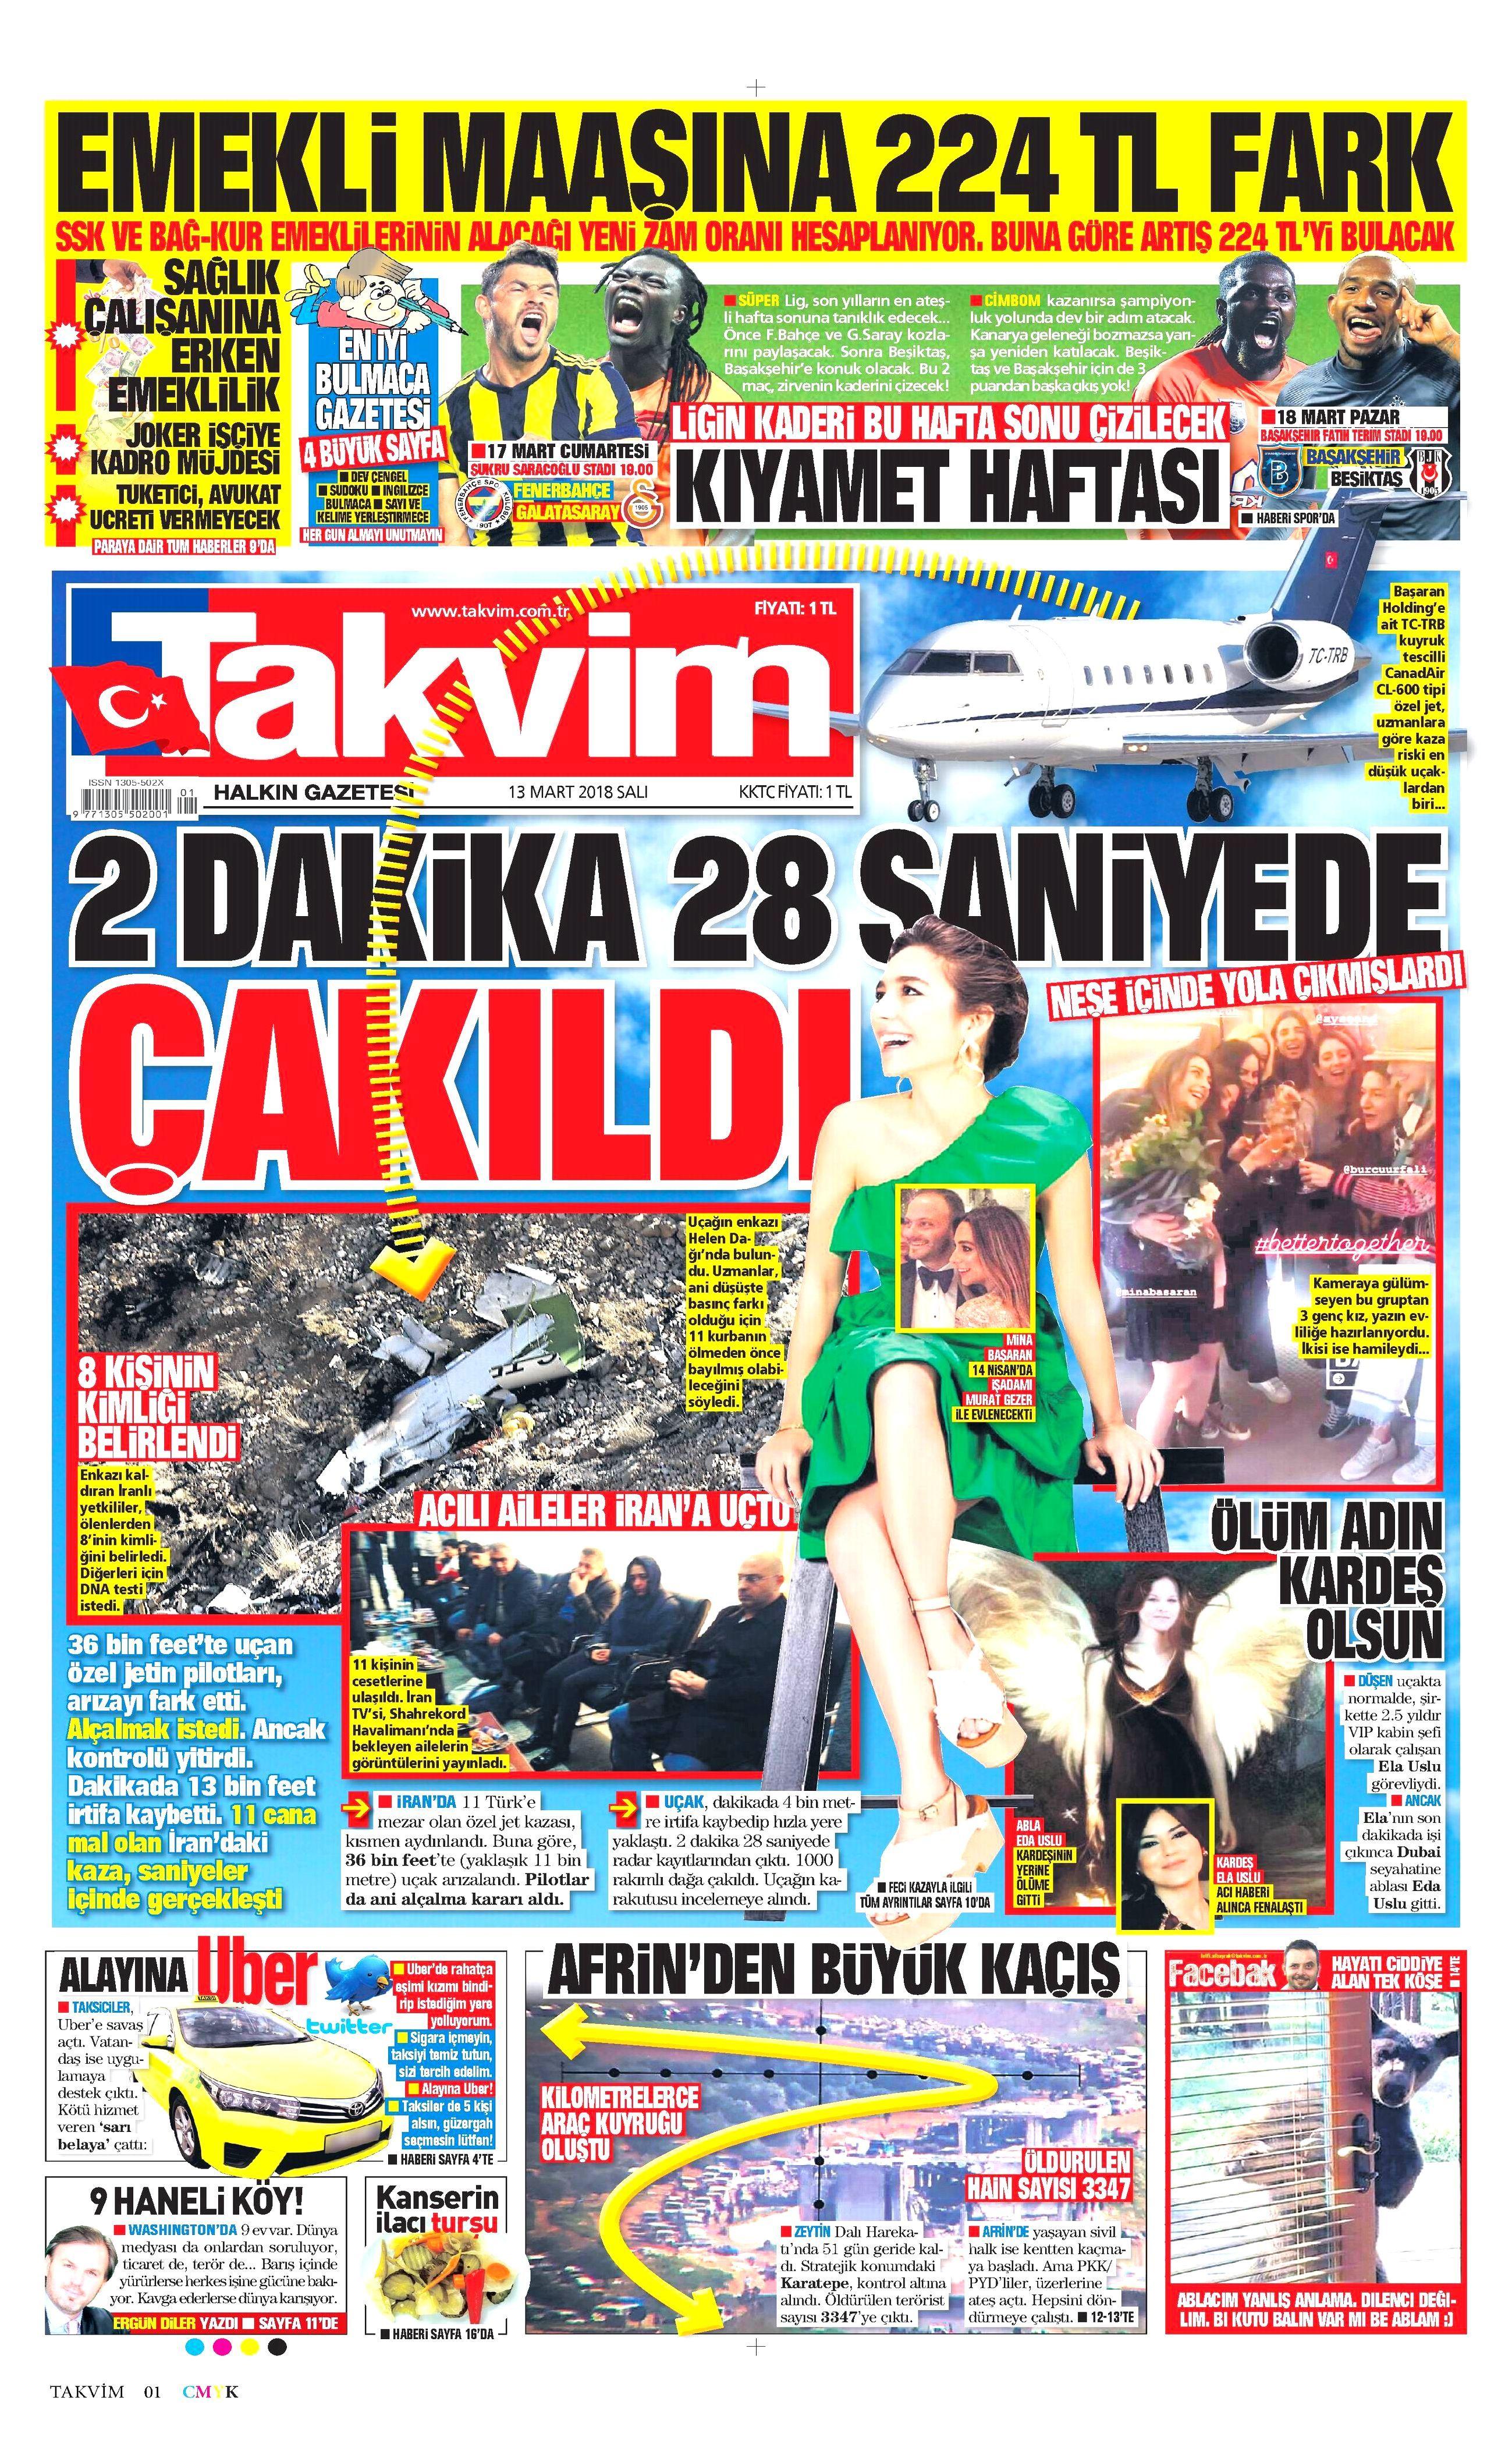 Takvim Gazetesi - Takvim Manşet Oku - Haberler